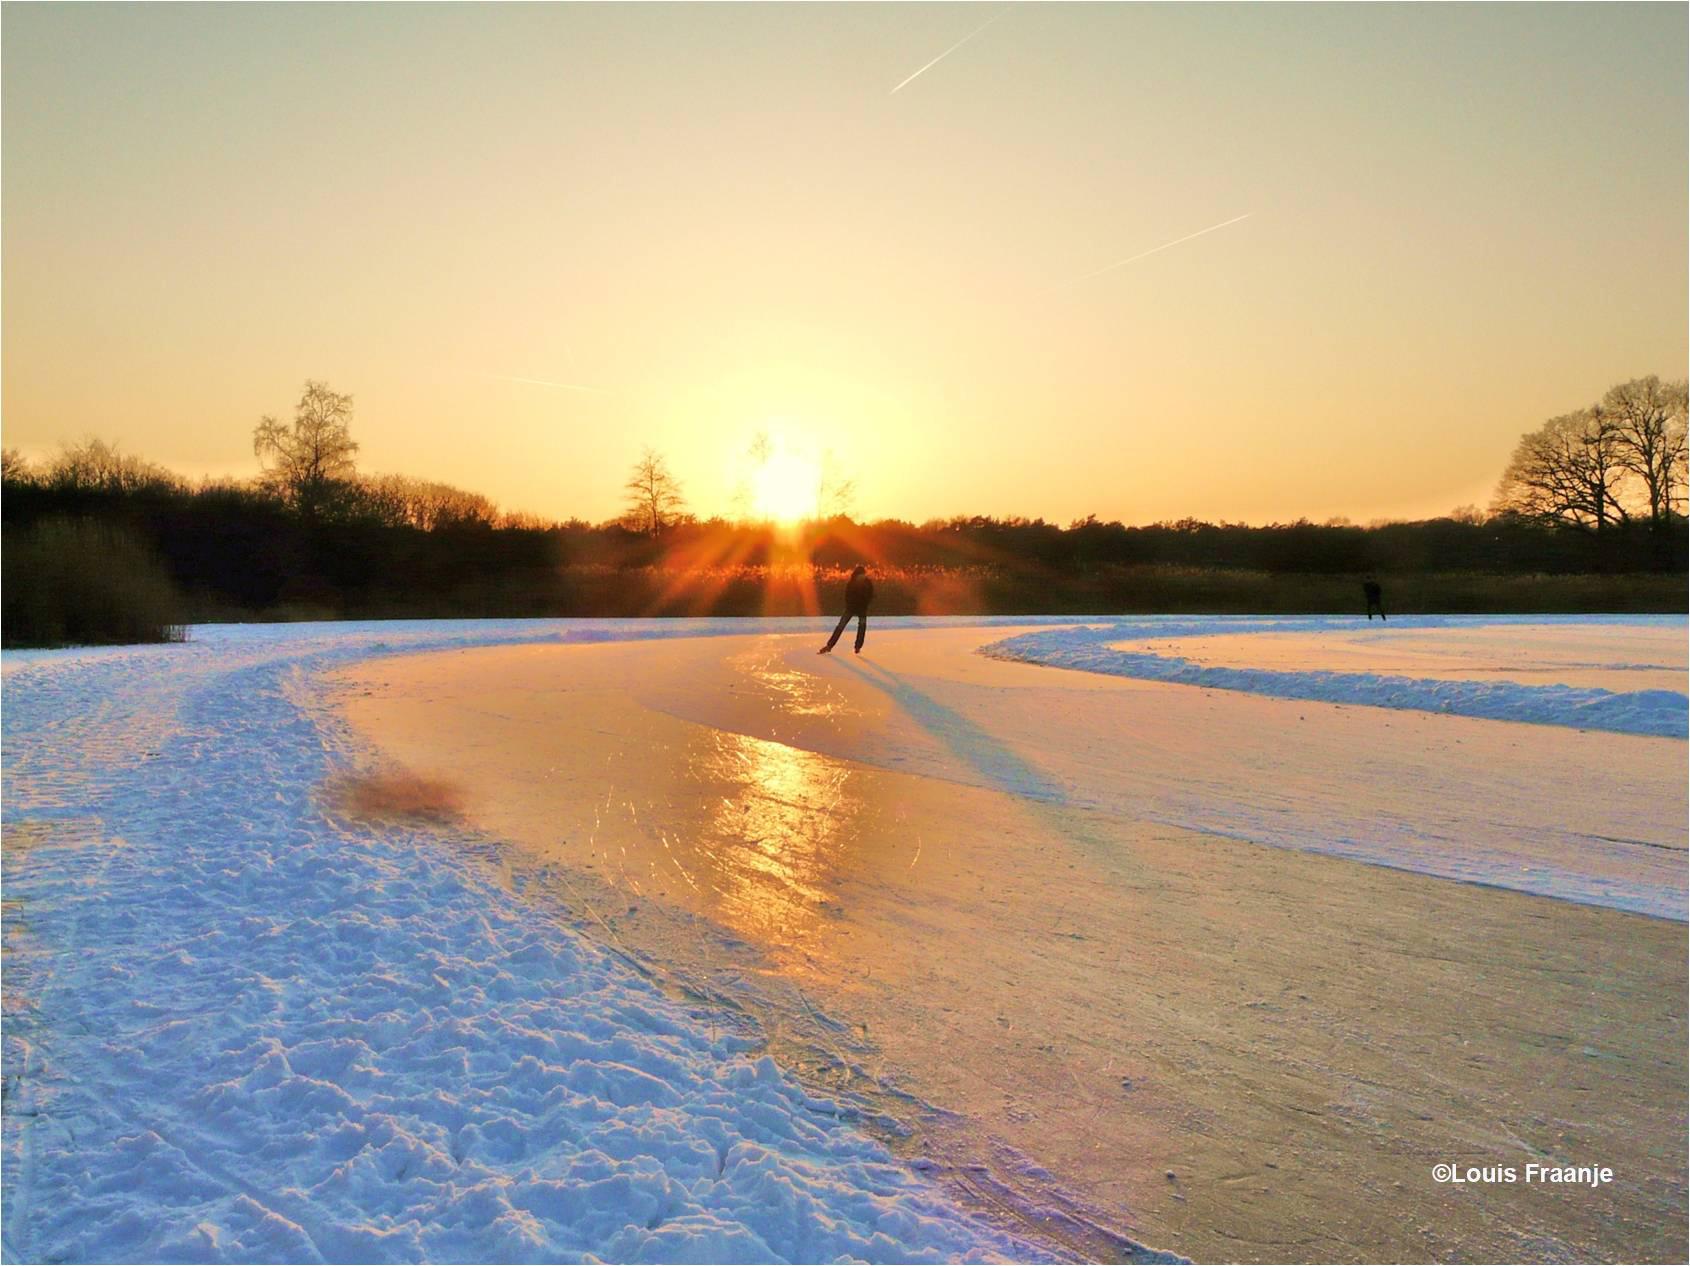 De schaatser komt de bocht door bij ondergaande zon - Foto: ©Louis Fraanje